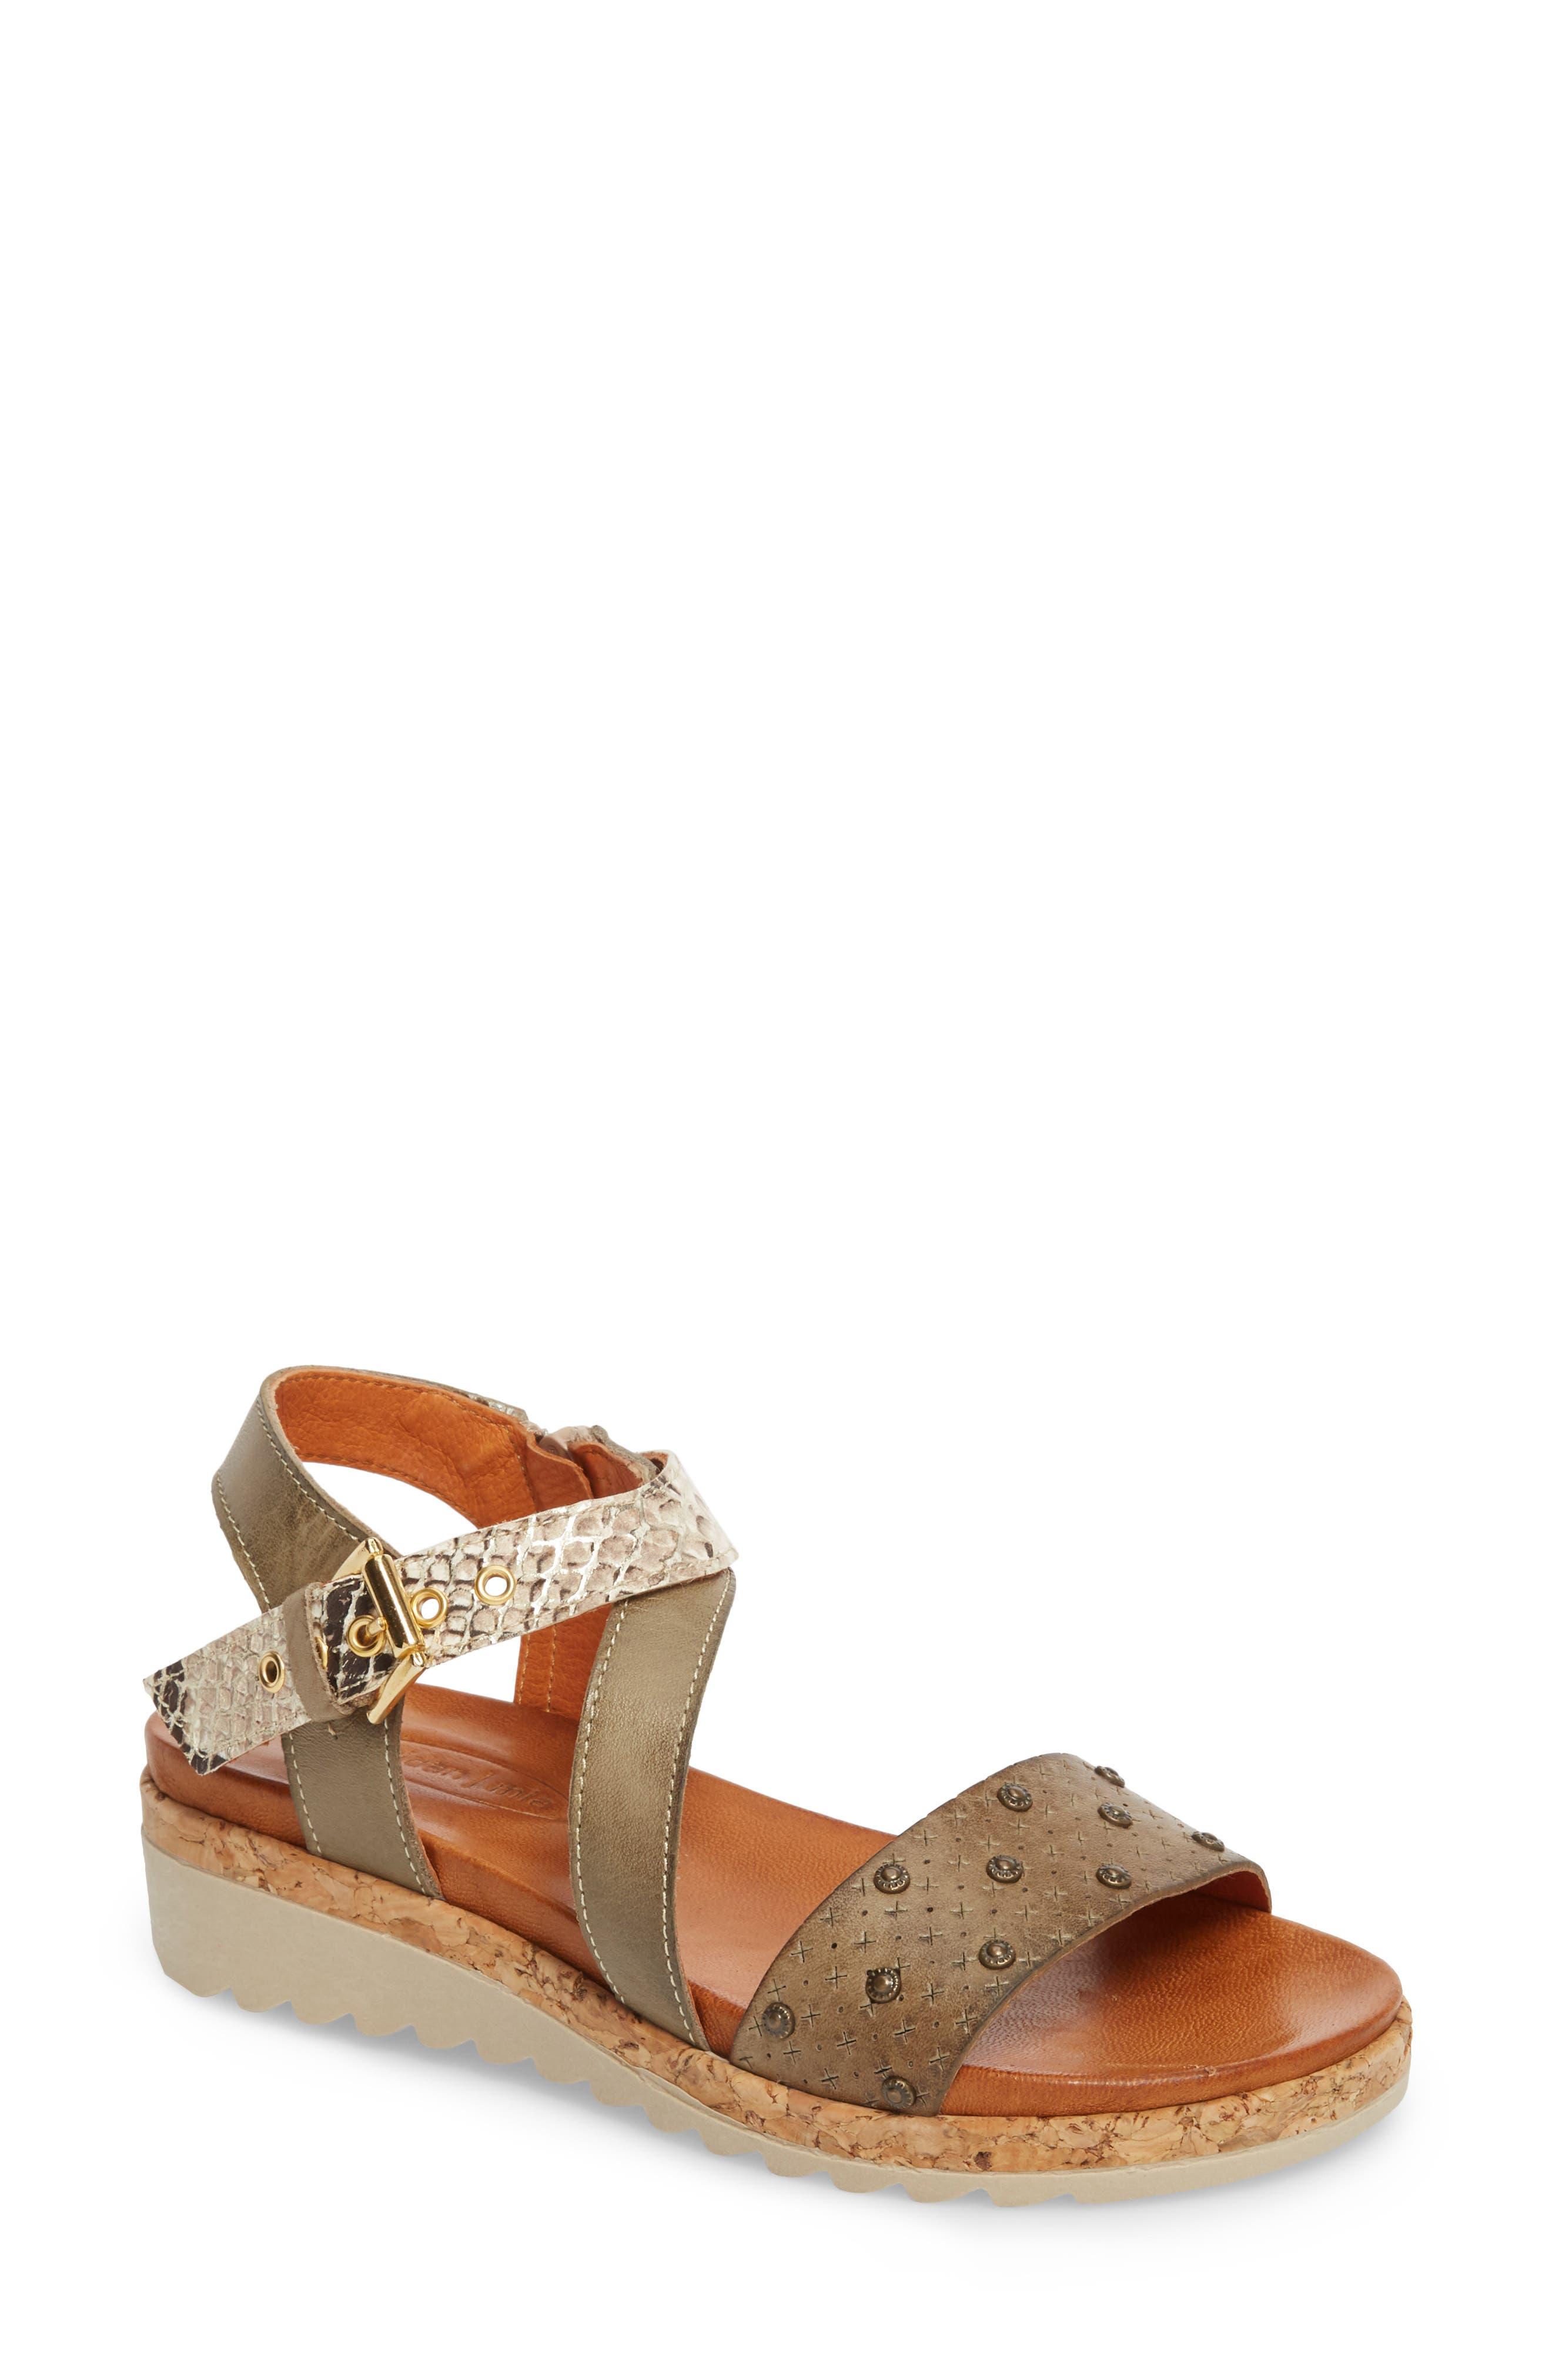 Gaga Sandal,                         Main,                         color, Taupe Leather